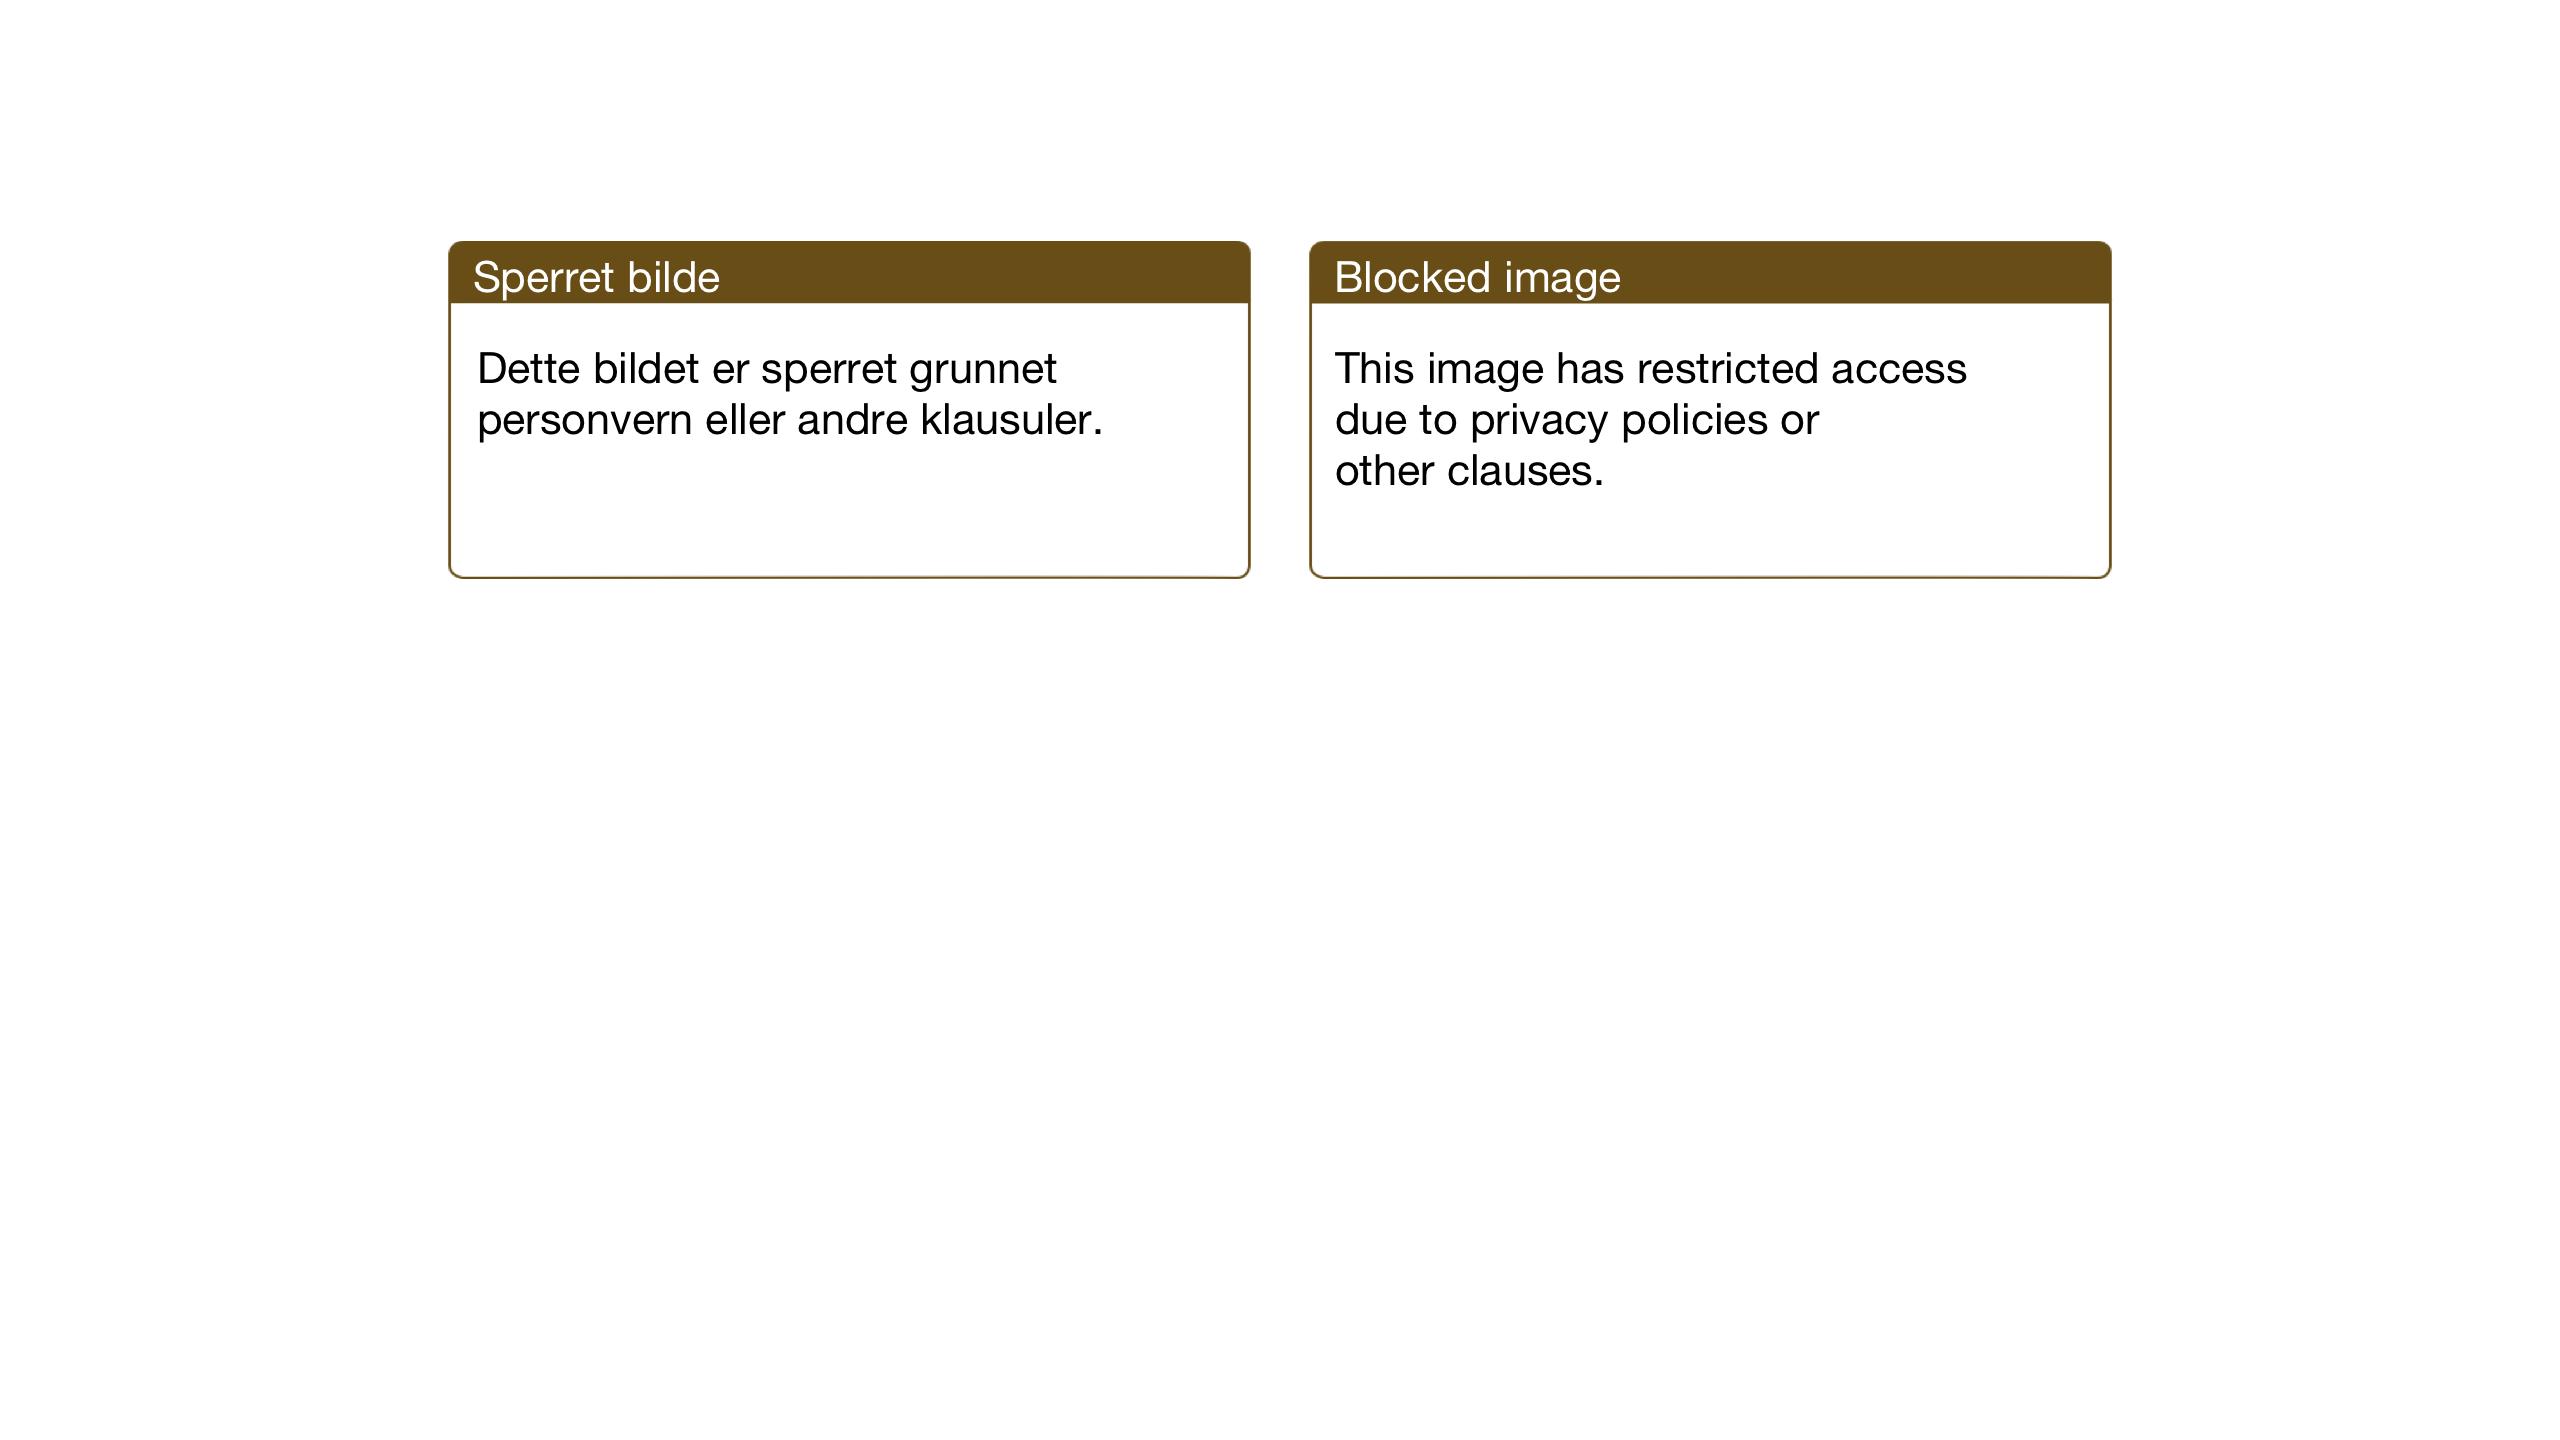 SAT, Ministerialprotokoller, klokkerbøker og fødselsregistre - Nord-Trøndelag, 721/L0209: Klokkerbok nr. 721C02, 1918-1940, s. 69